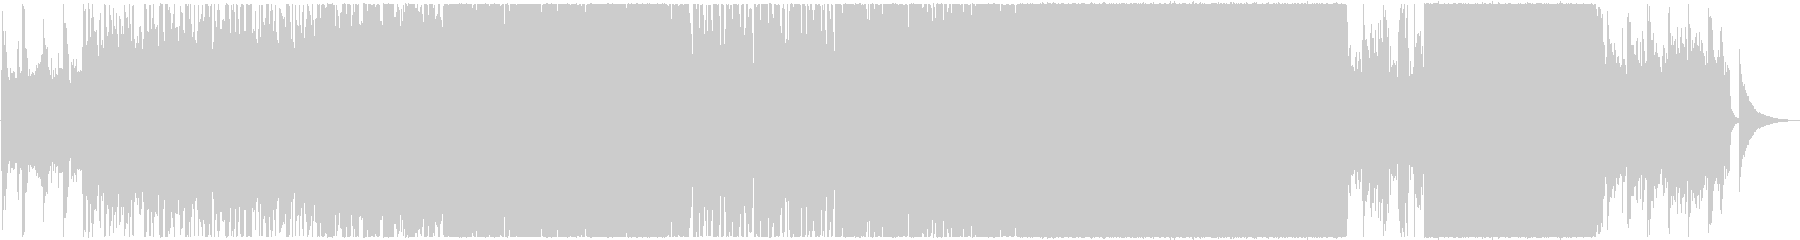 終末的で儚げな、美しいデジタルポップスの未再生の波形